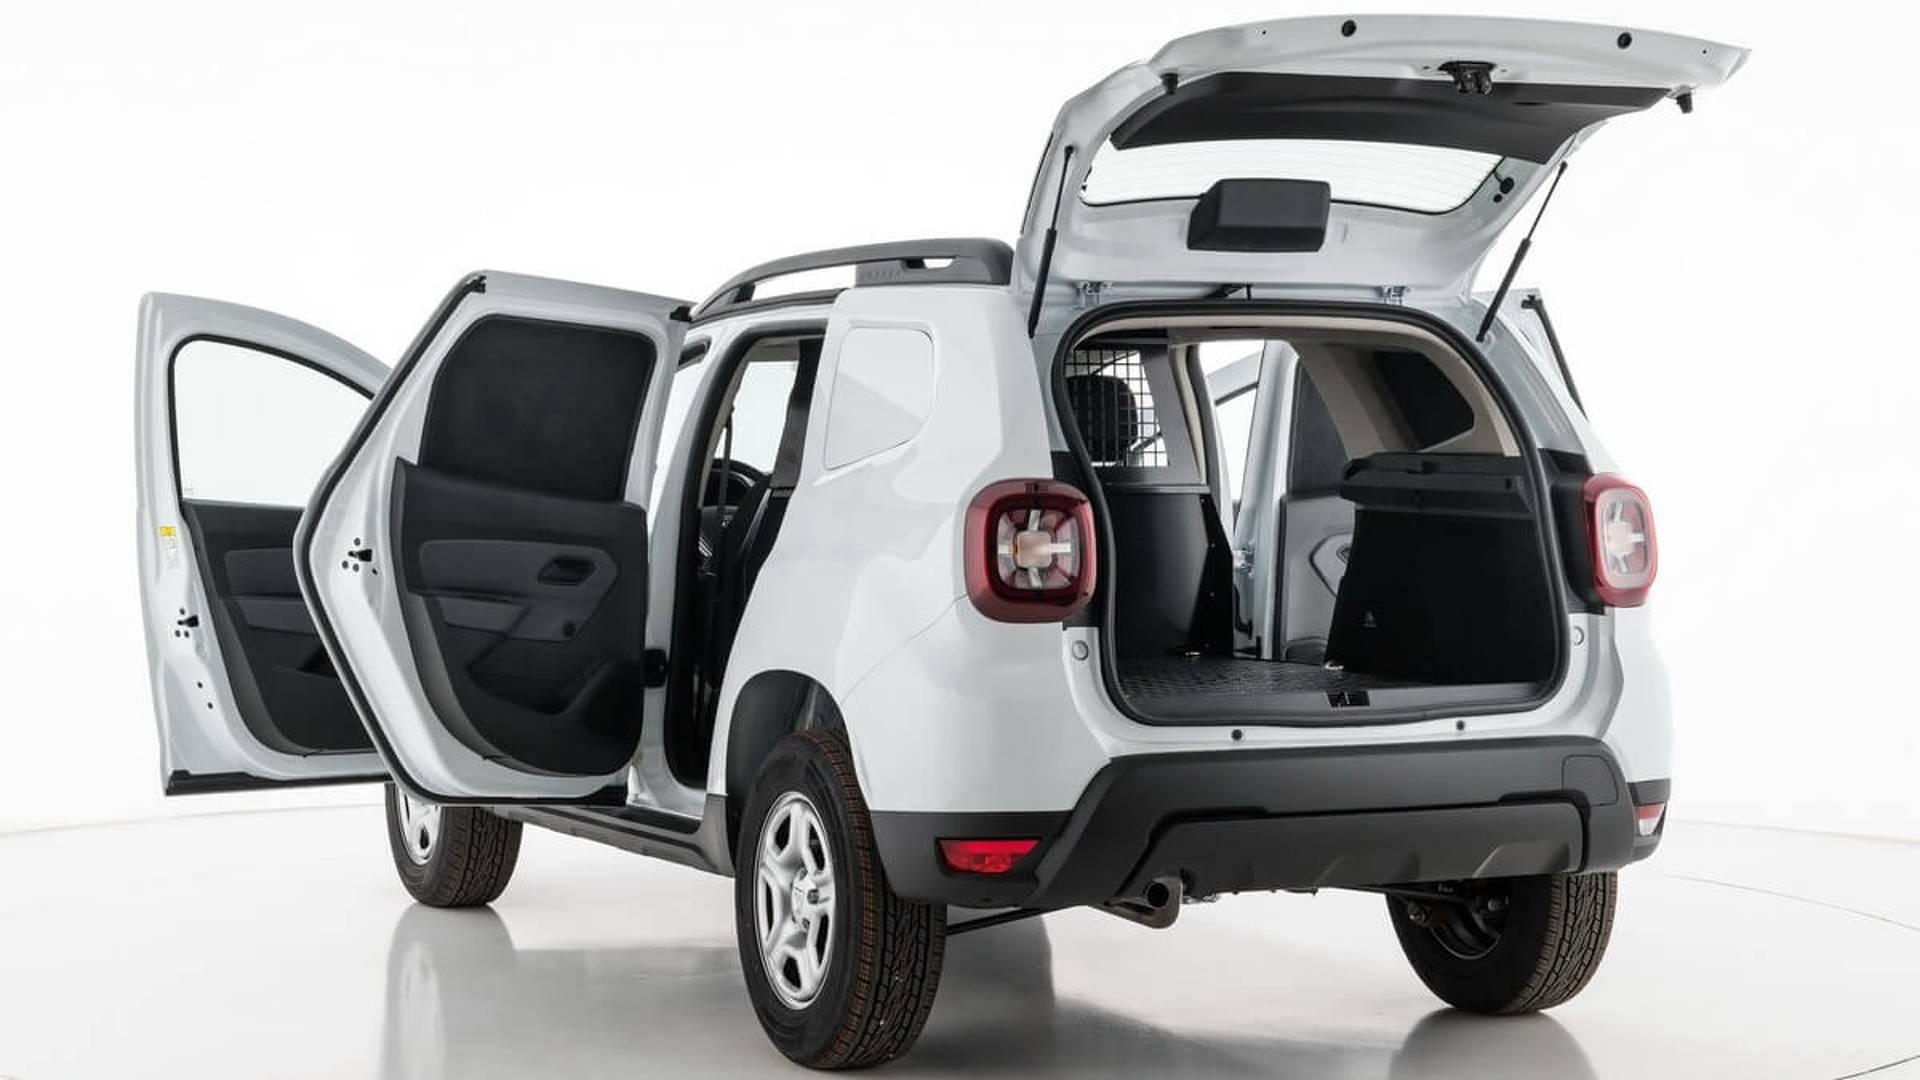 2018 Dacia Duster Fiskal Van Conversion Priced At Eur